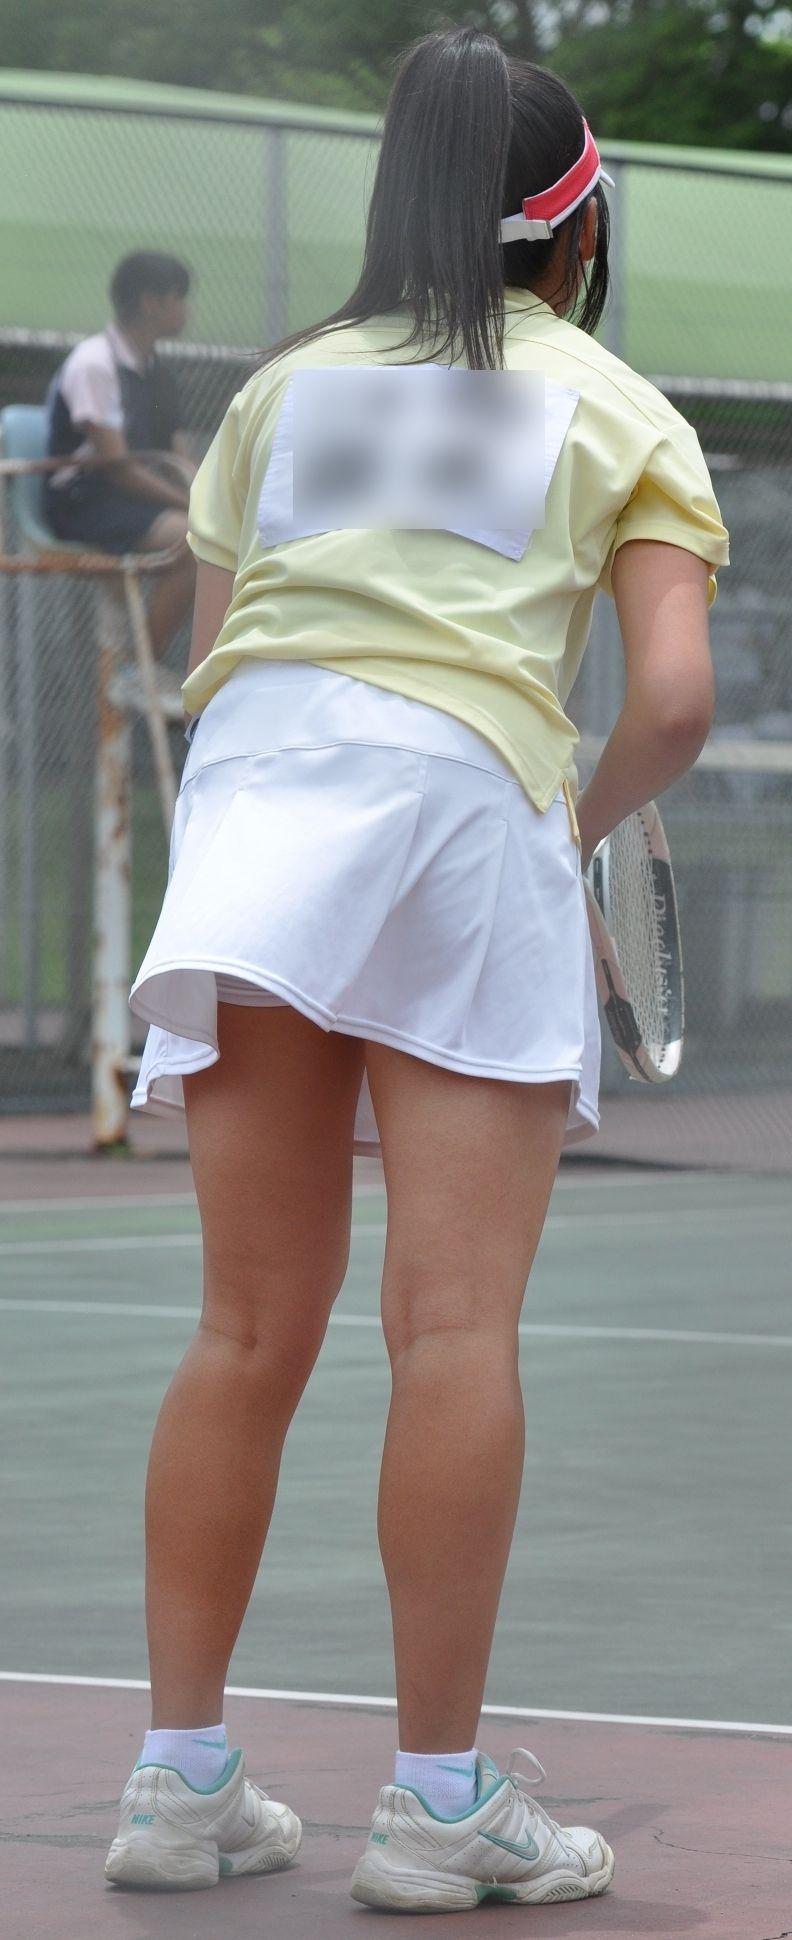 スカートの中 テニス エロアニメ